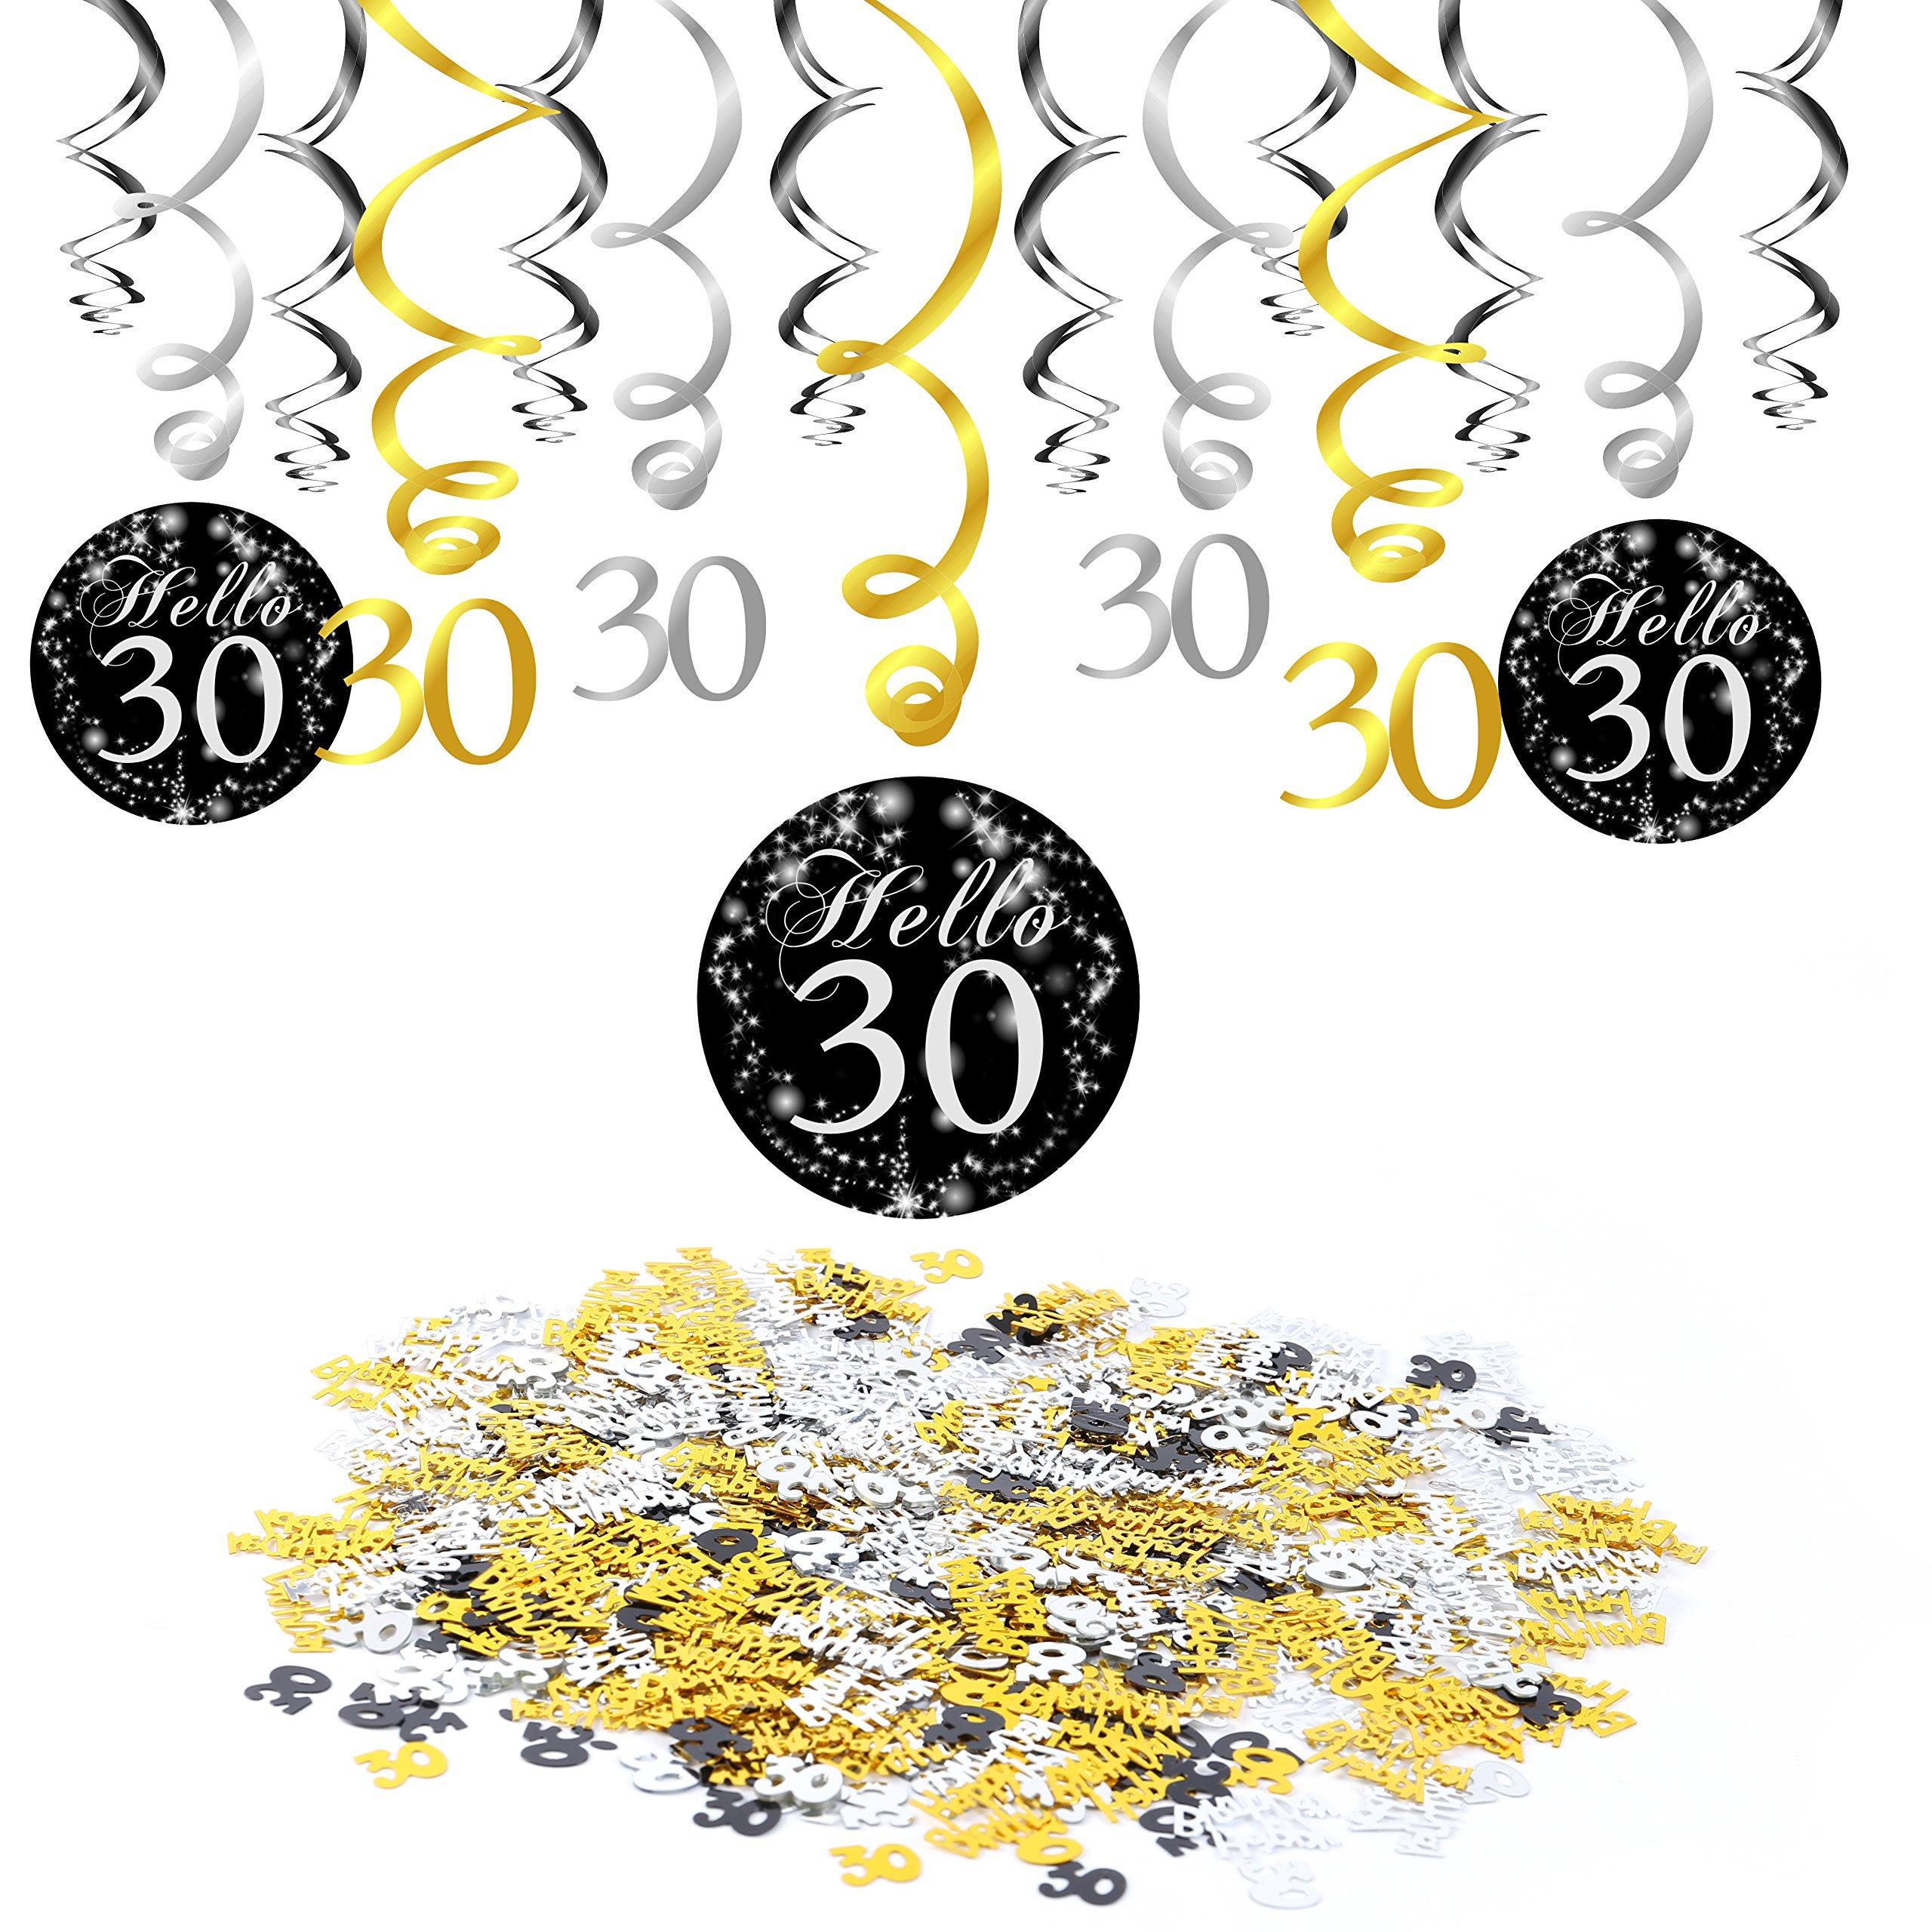 30 anni compleanno decorazione, Konsait nero appeso soffitto spirale decorazione (15 conteggi), buon